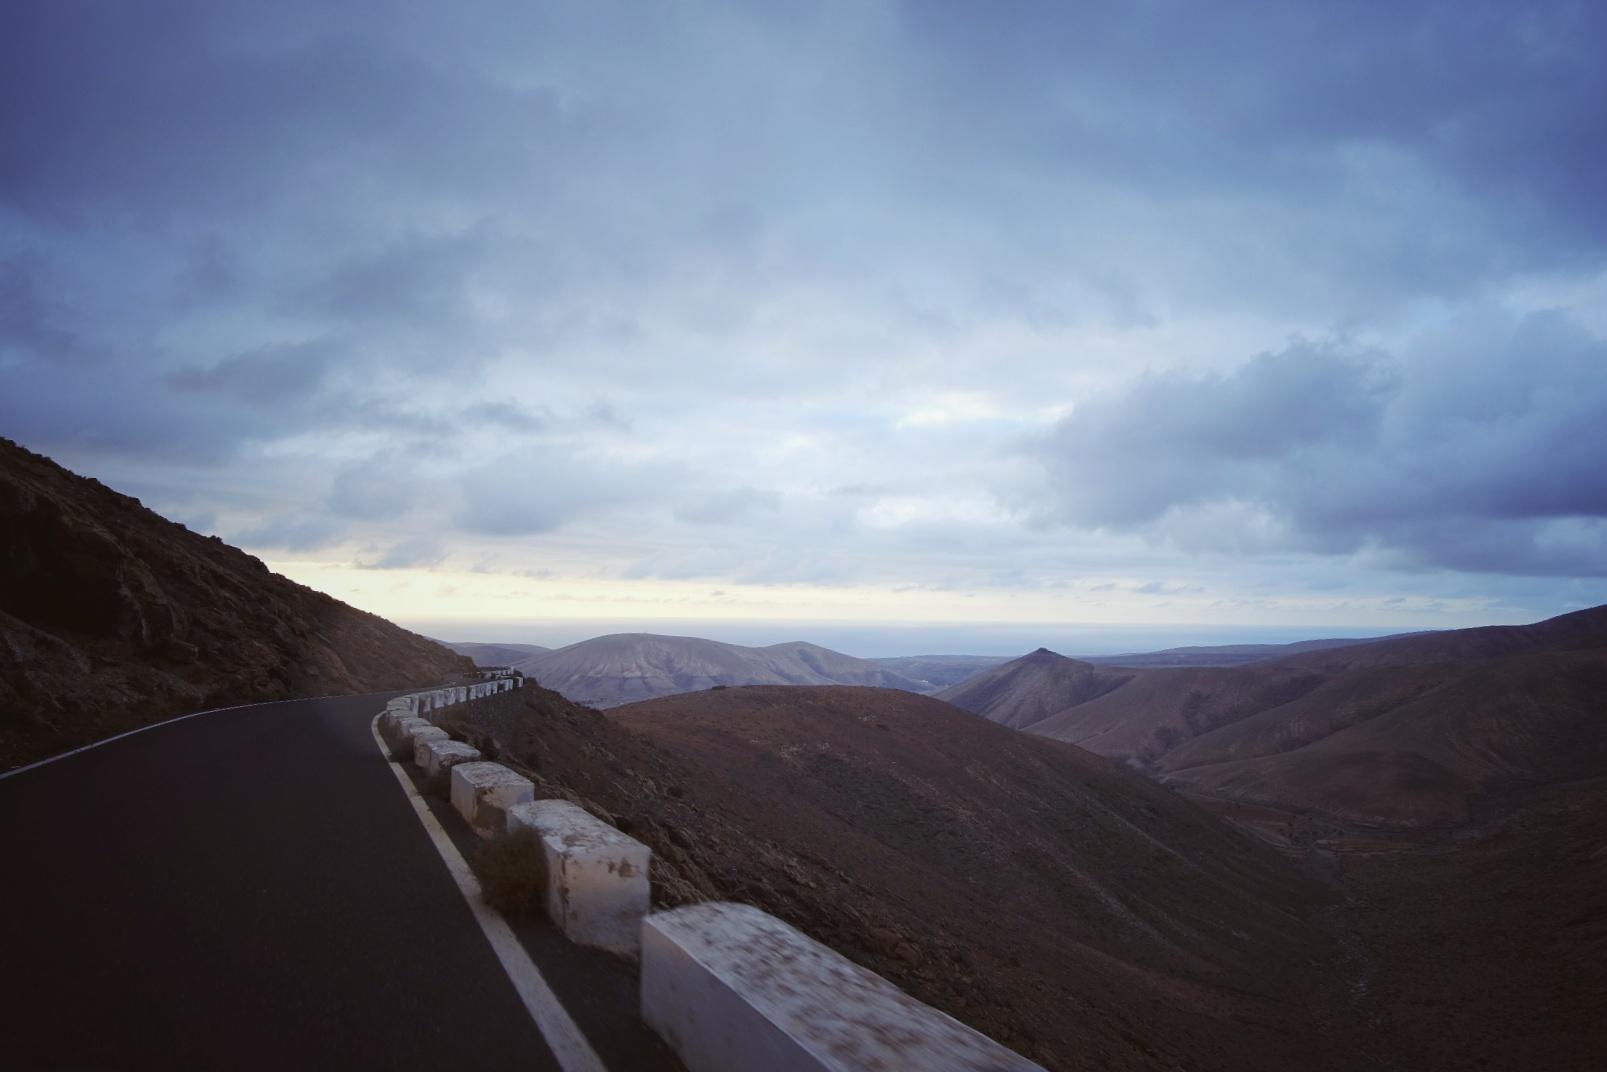 Talviloma Kanariansaarilla – Päivä 4, autolla ympäri Fuerteventuraa, dyynit, sukeltelua kalojen kanssa ja vuoristoa